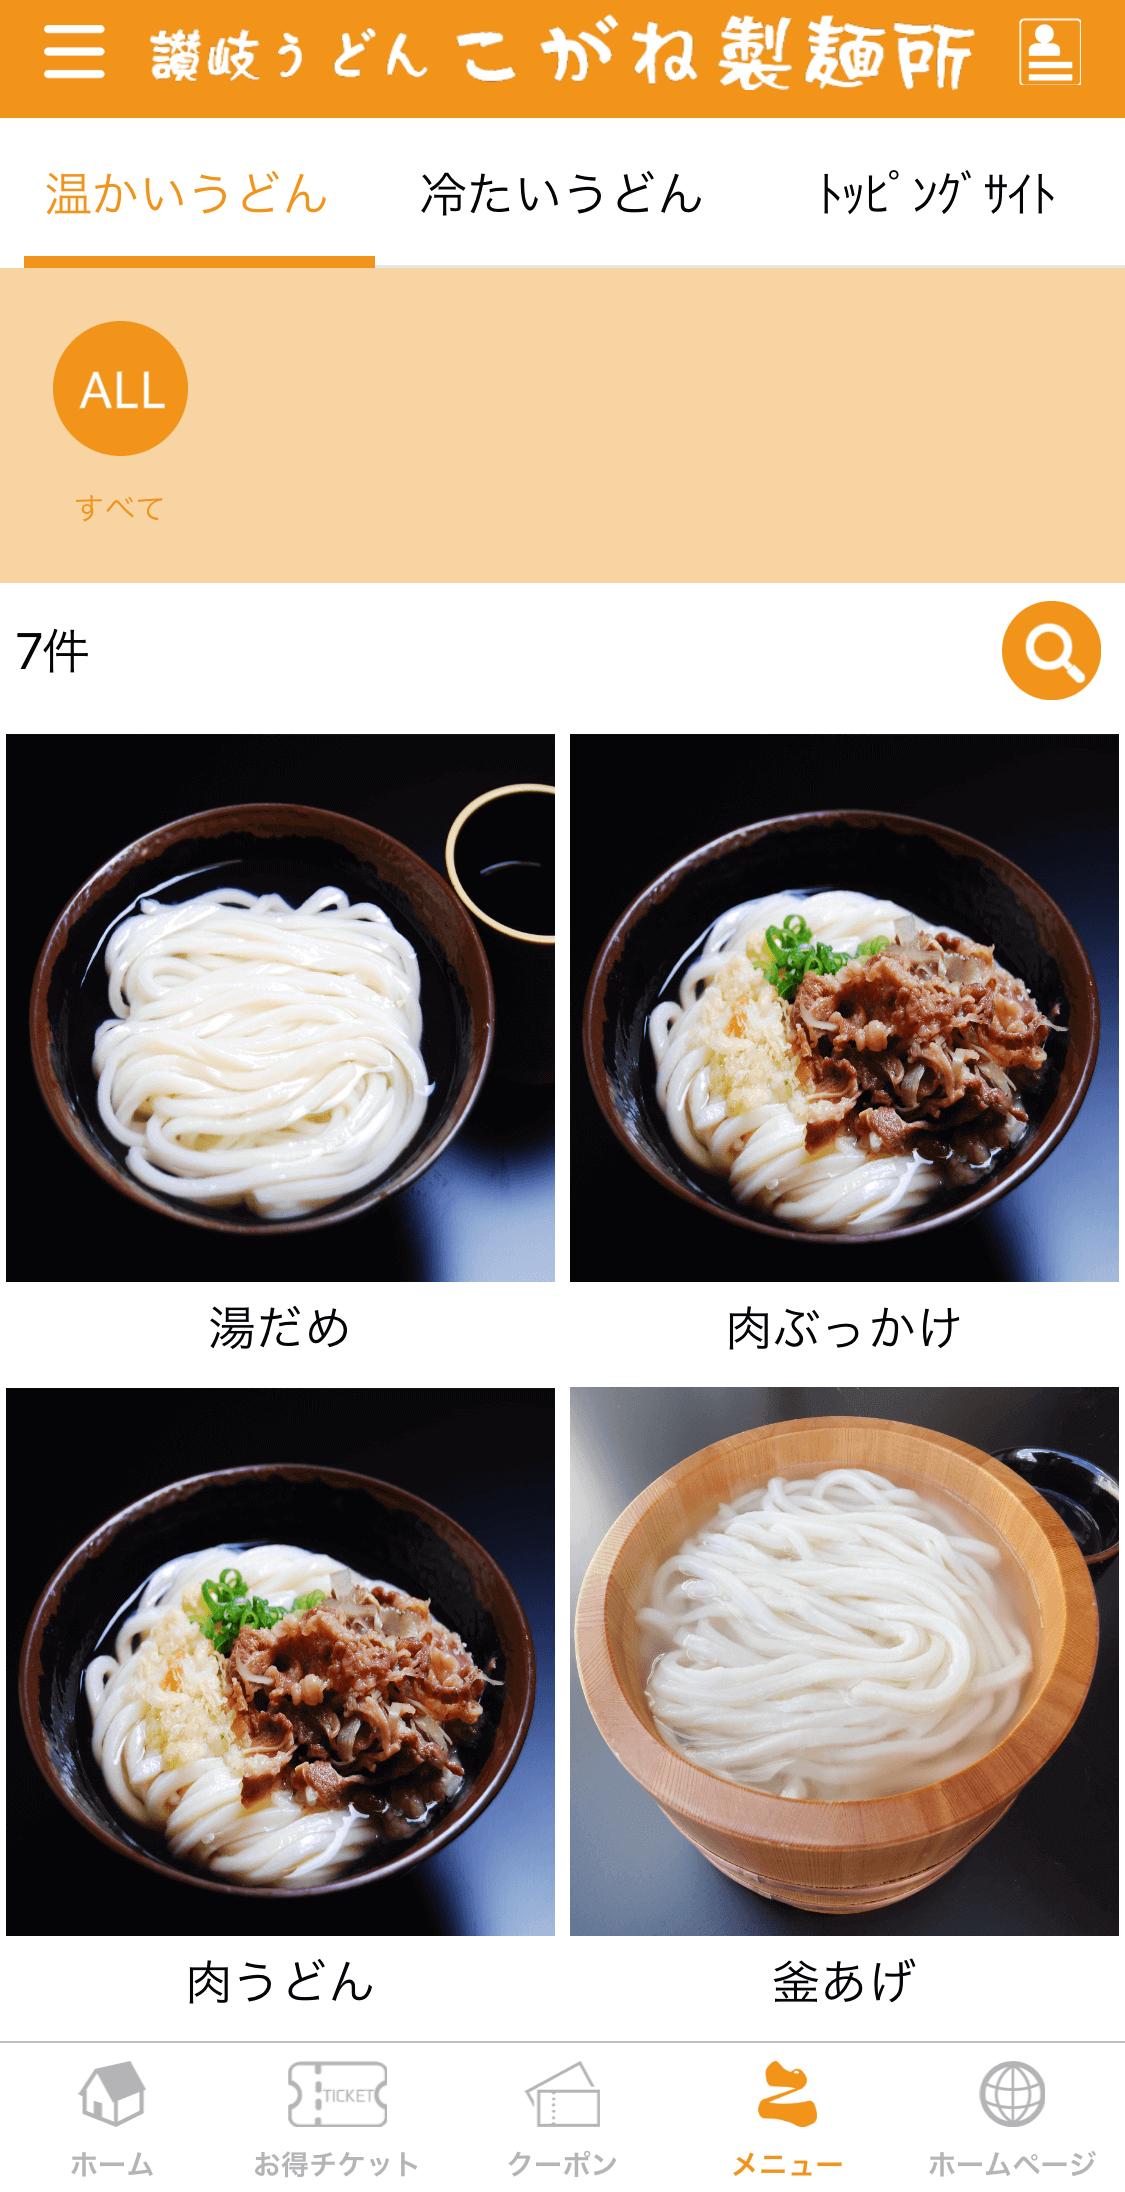 こがね製麺所 公式アプリ内に記載されたうどんメニュー